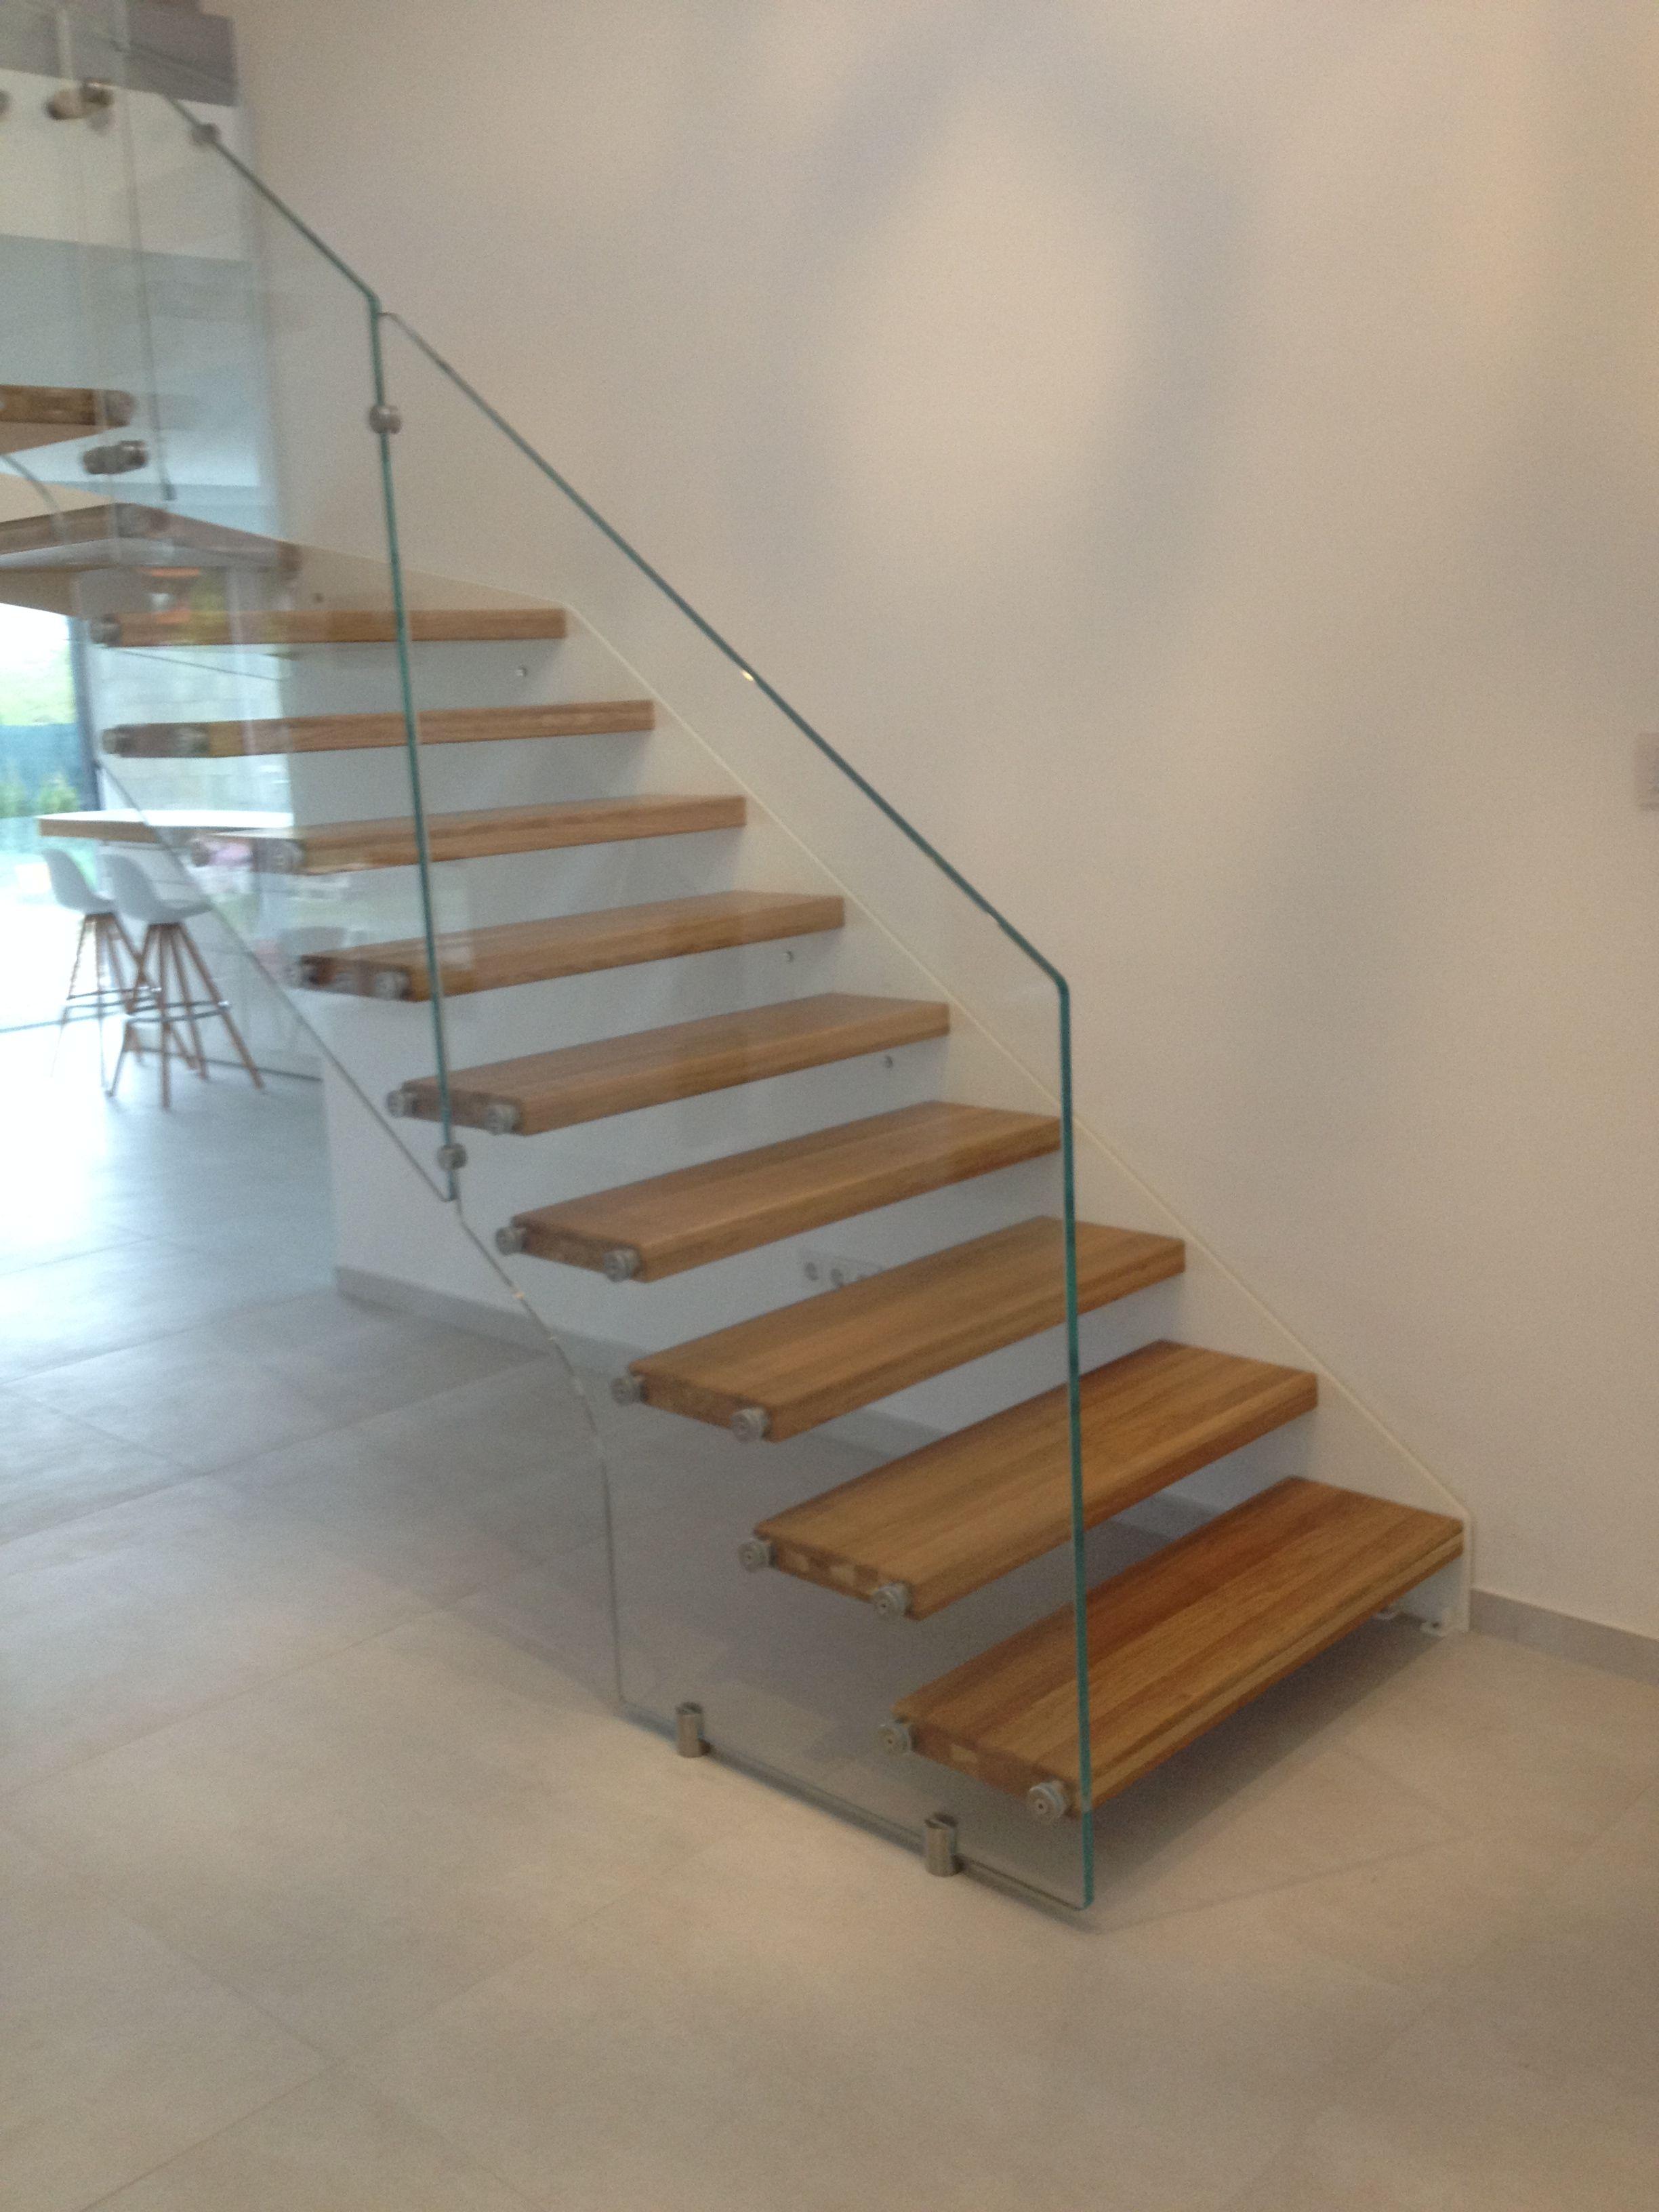 Fantastisch Formstep Treppen   Eine Stiege Mit Holzstufen Und Glasgeländer.